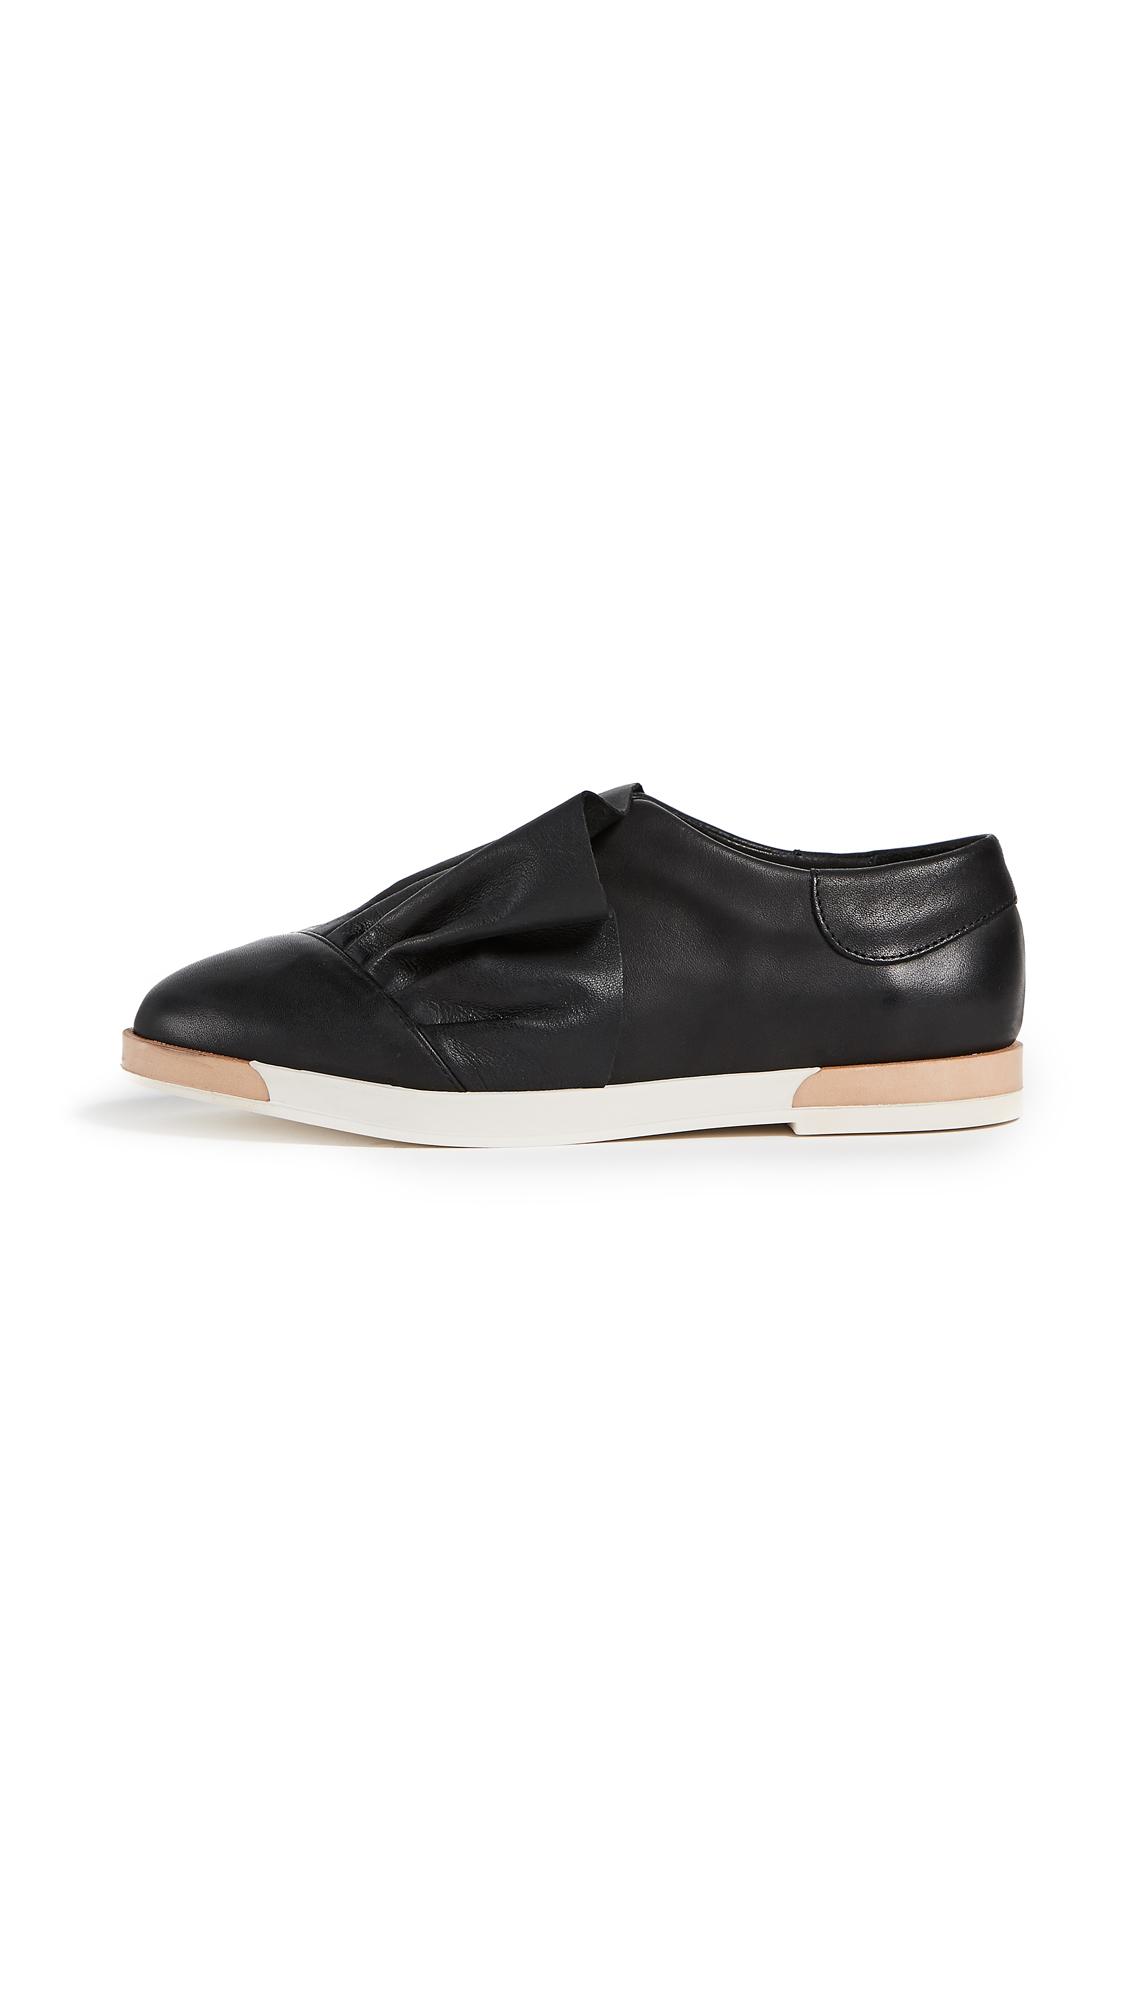 Miista Bronte Sneakers - Black